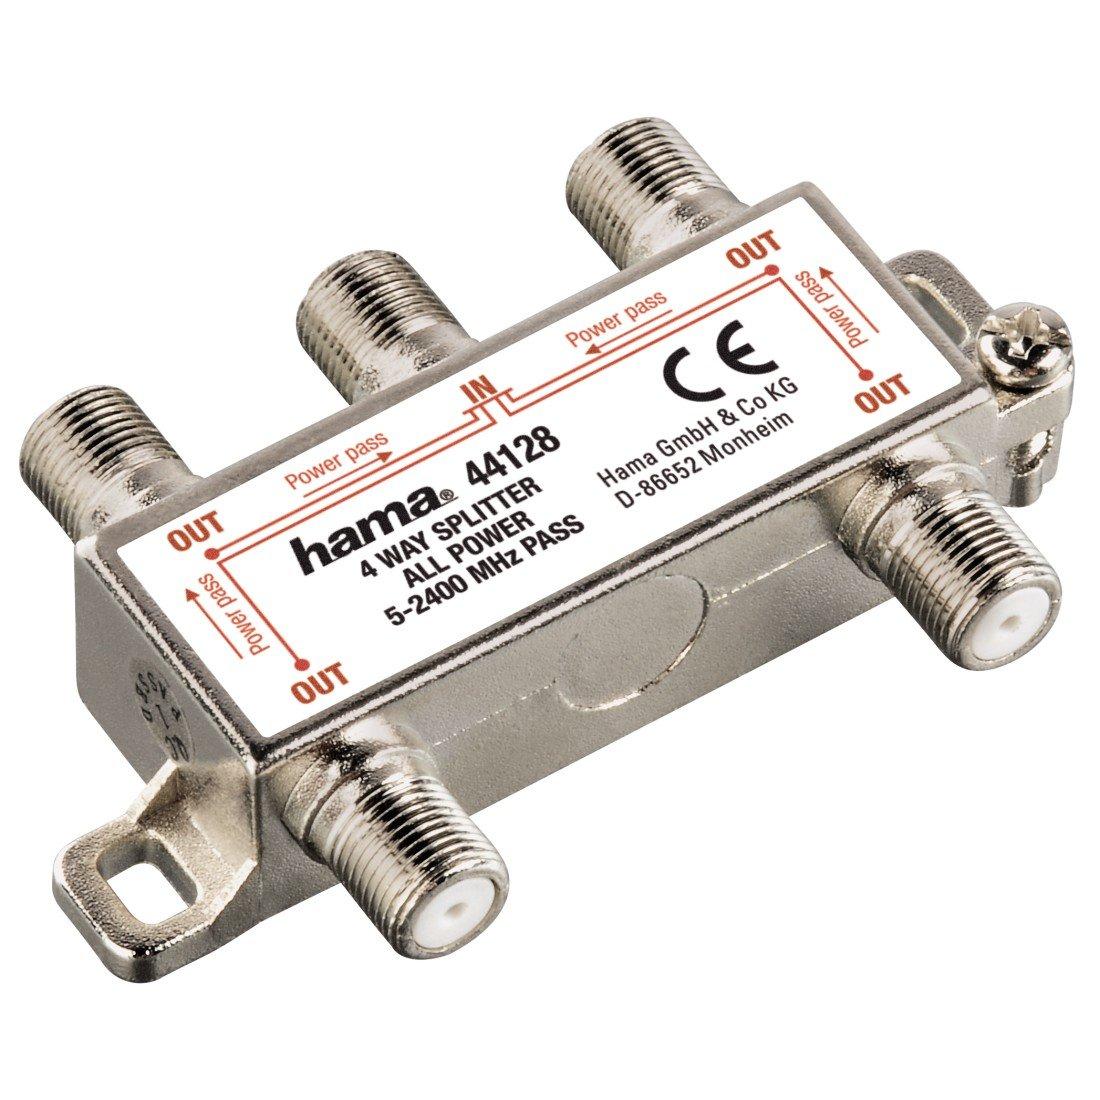 Grigio HAMA Distributore SAT 1 F//2 F Schermato Corpo Metallico Passaggio-Corrente 500 mA 2 Vie